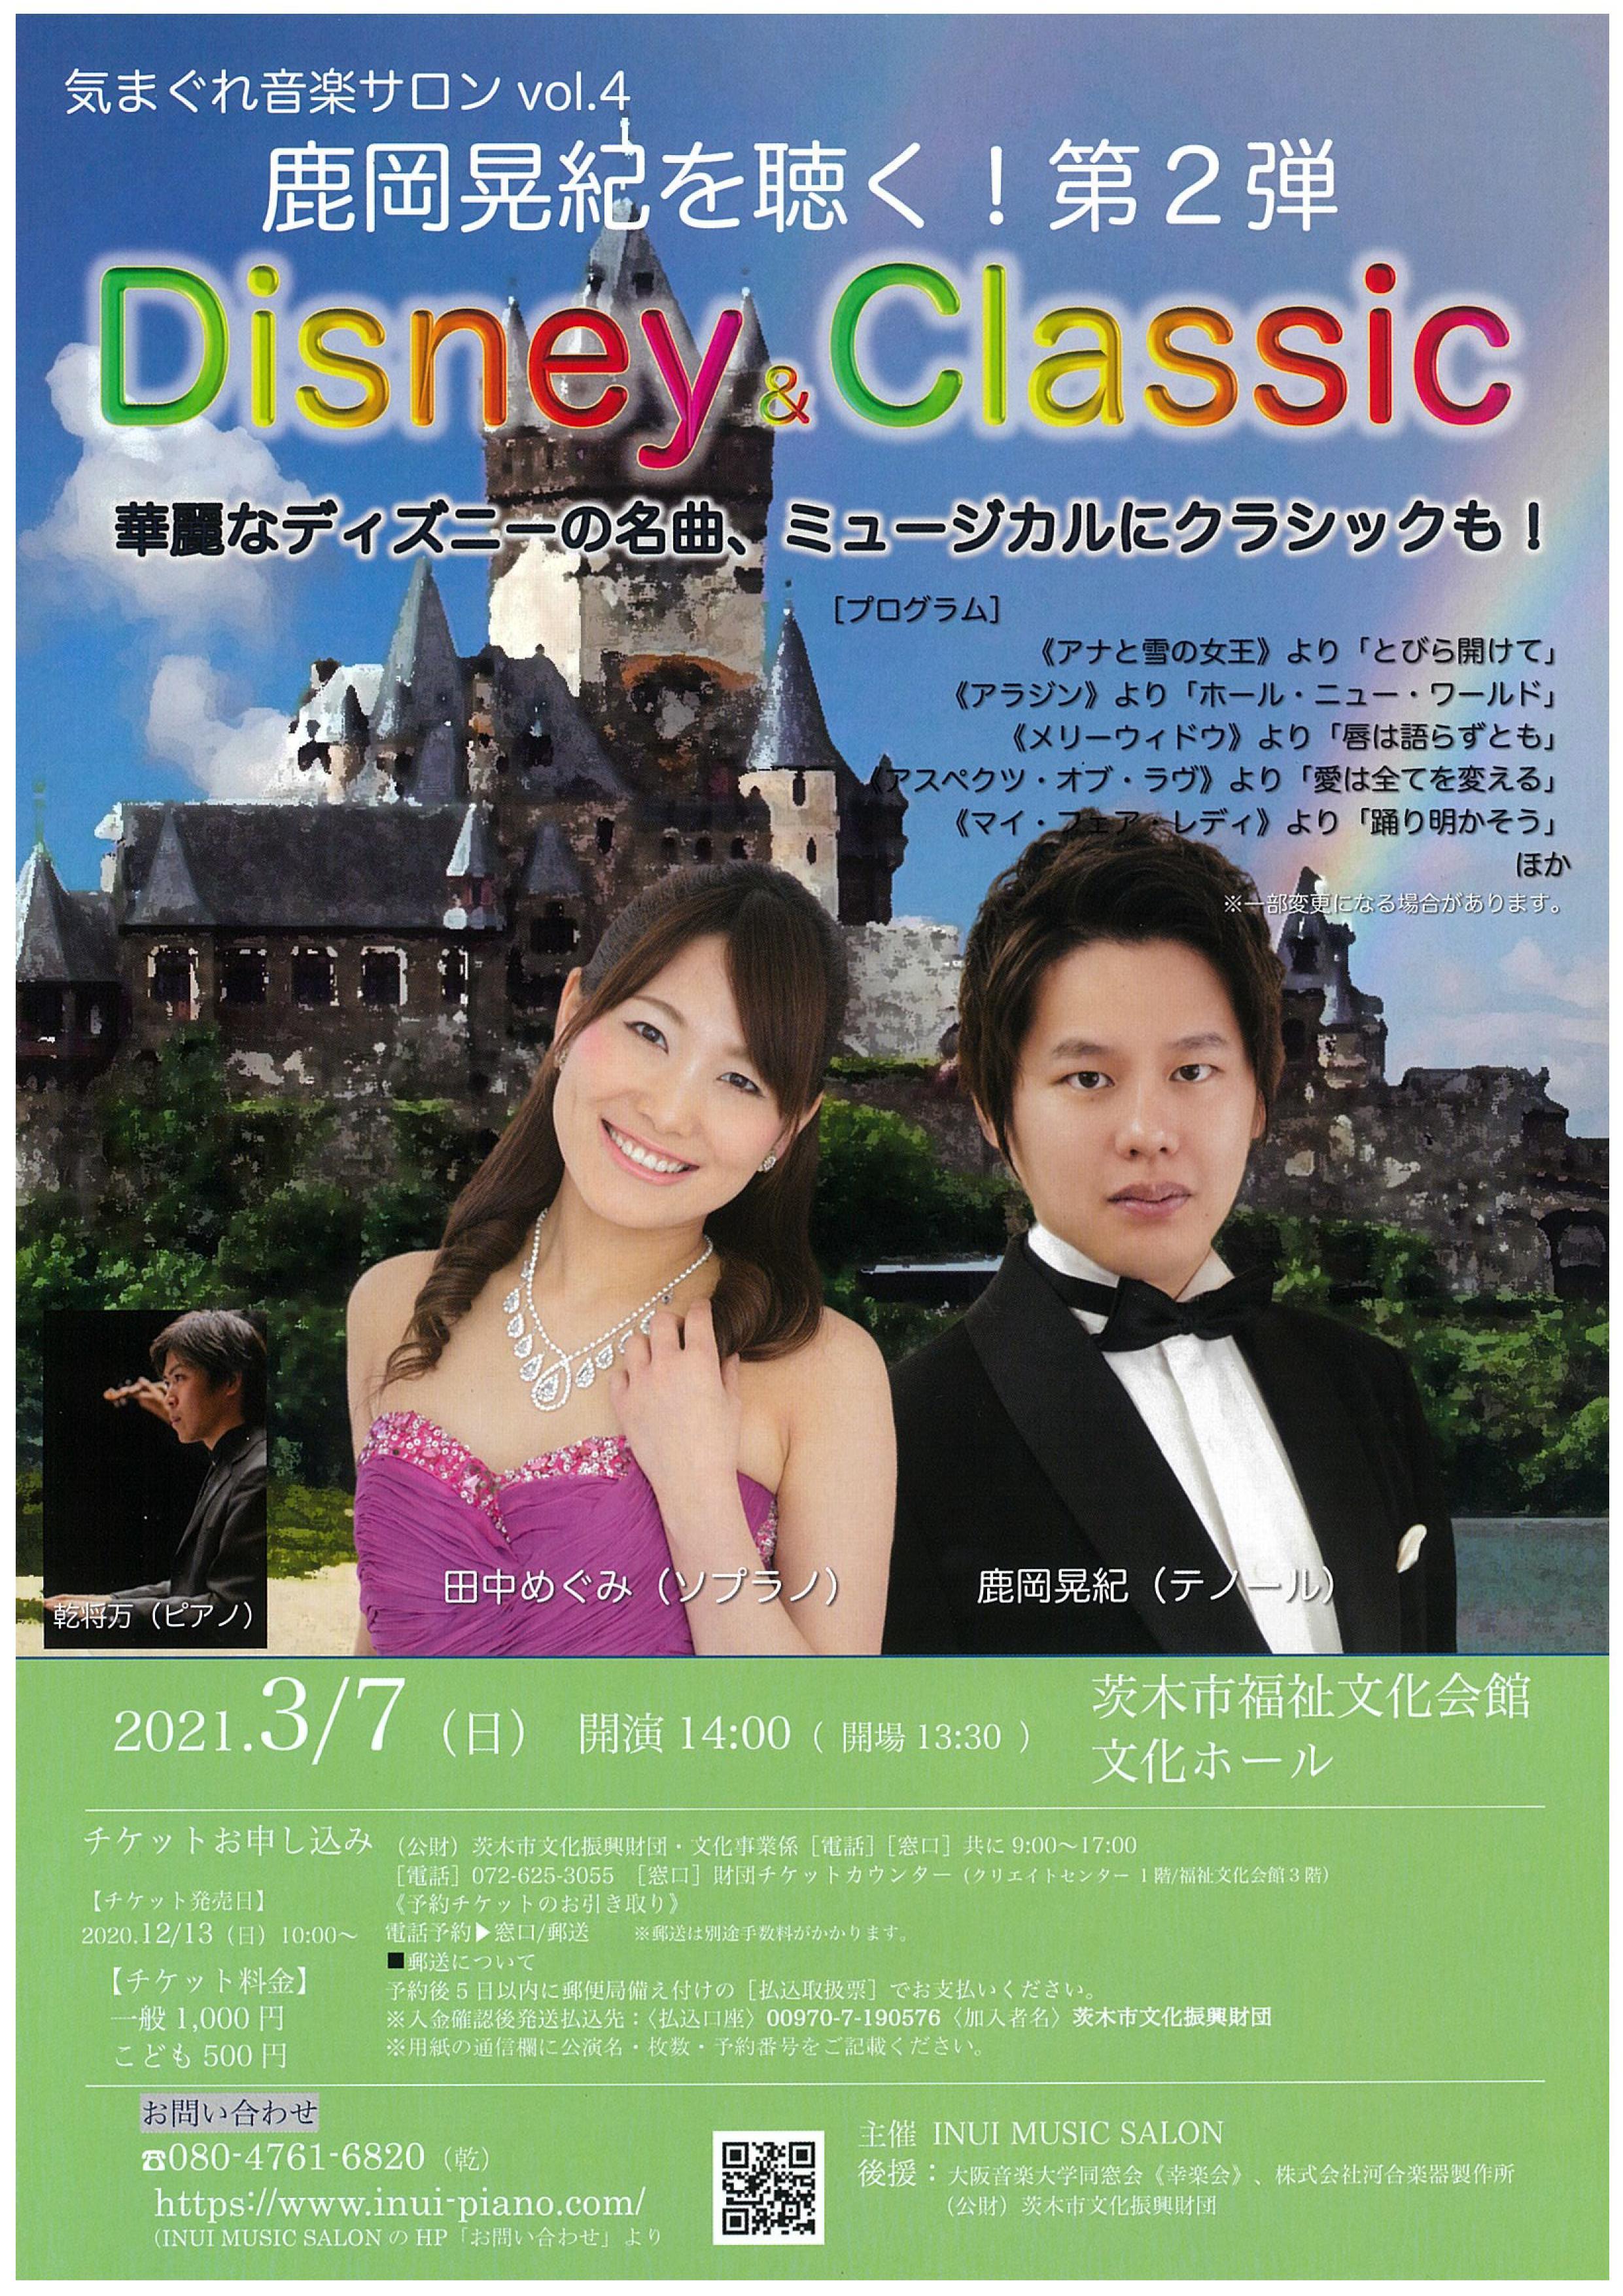 鹿岡晃紀を聴く!第2弾~Disney&Classic~